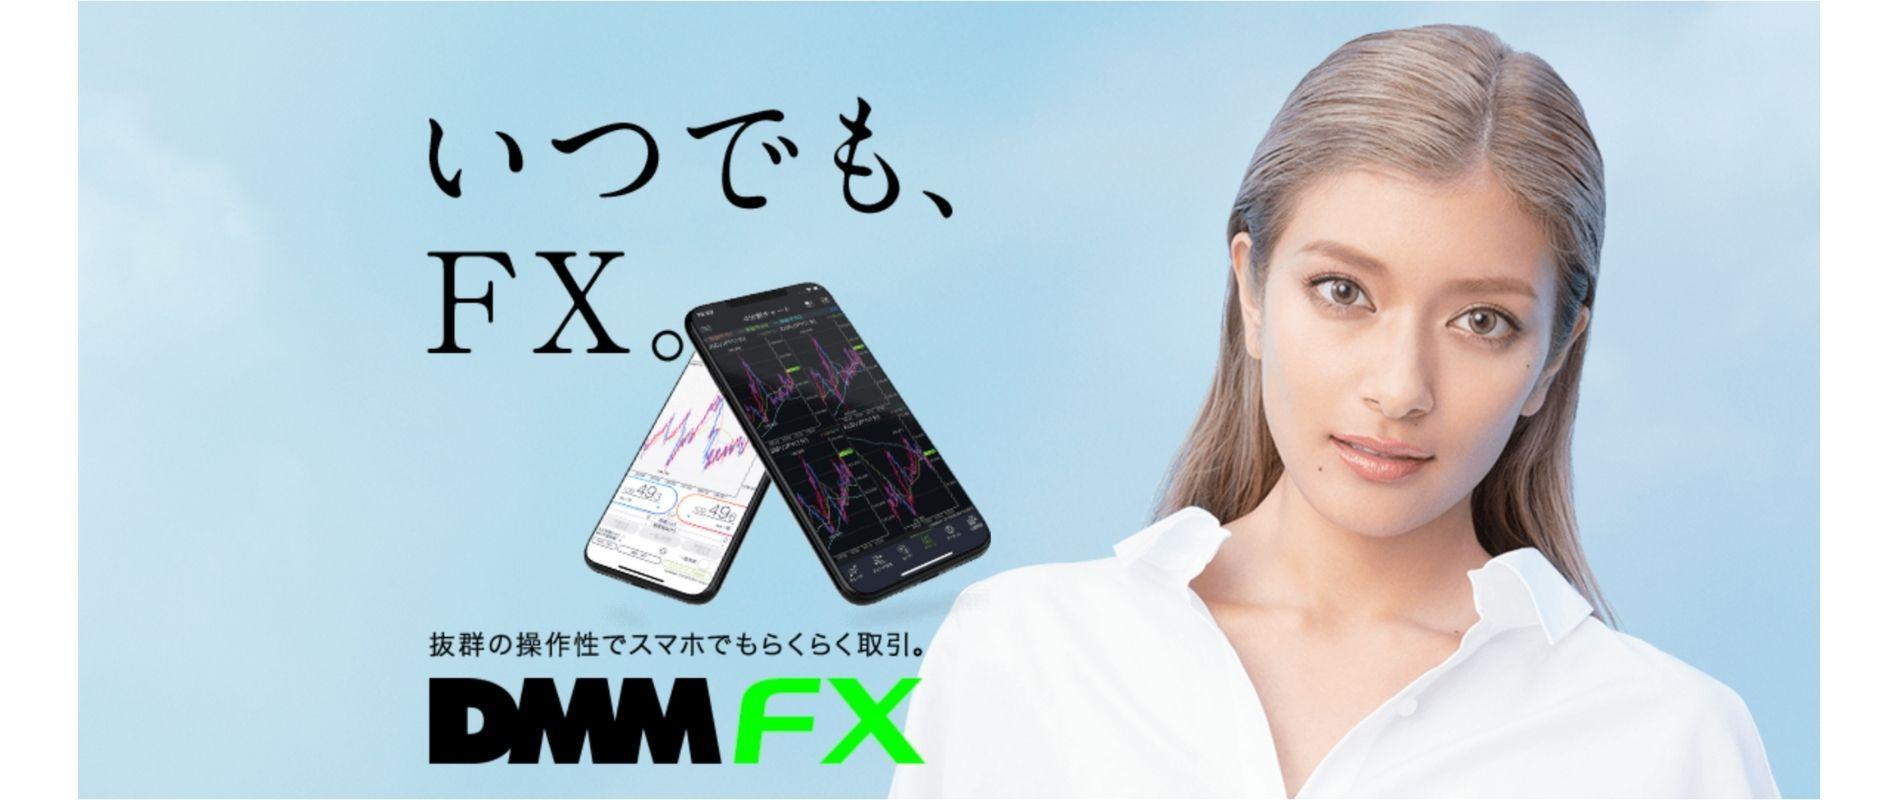 FX儲かる_DMMFXバナー画像